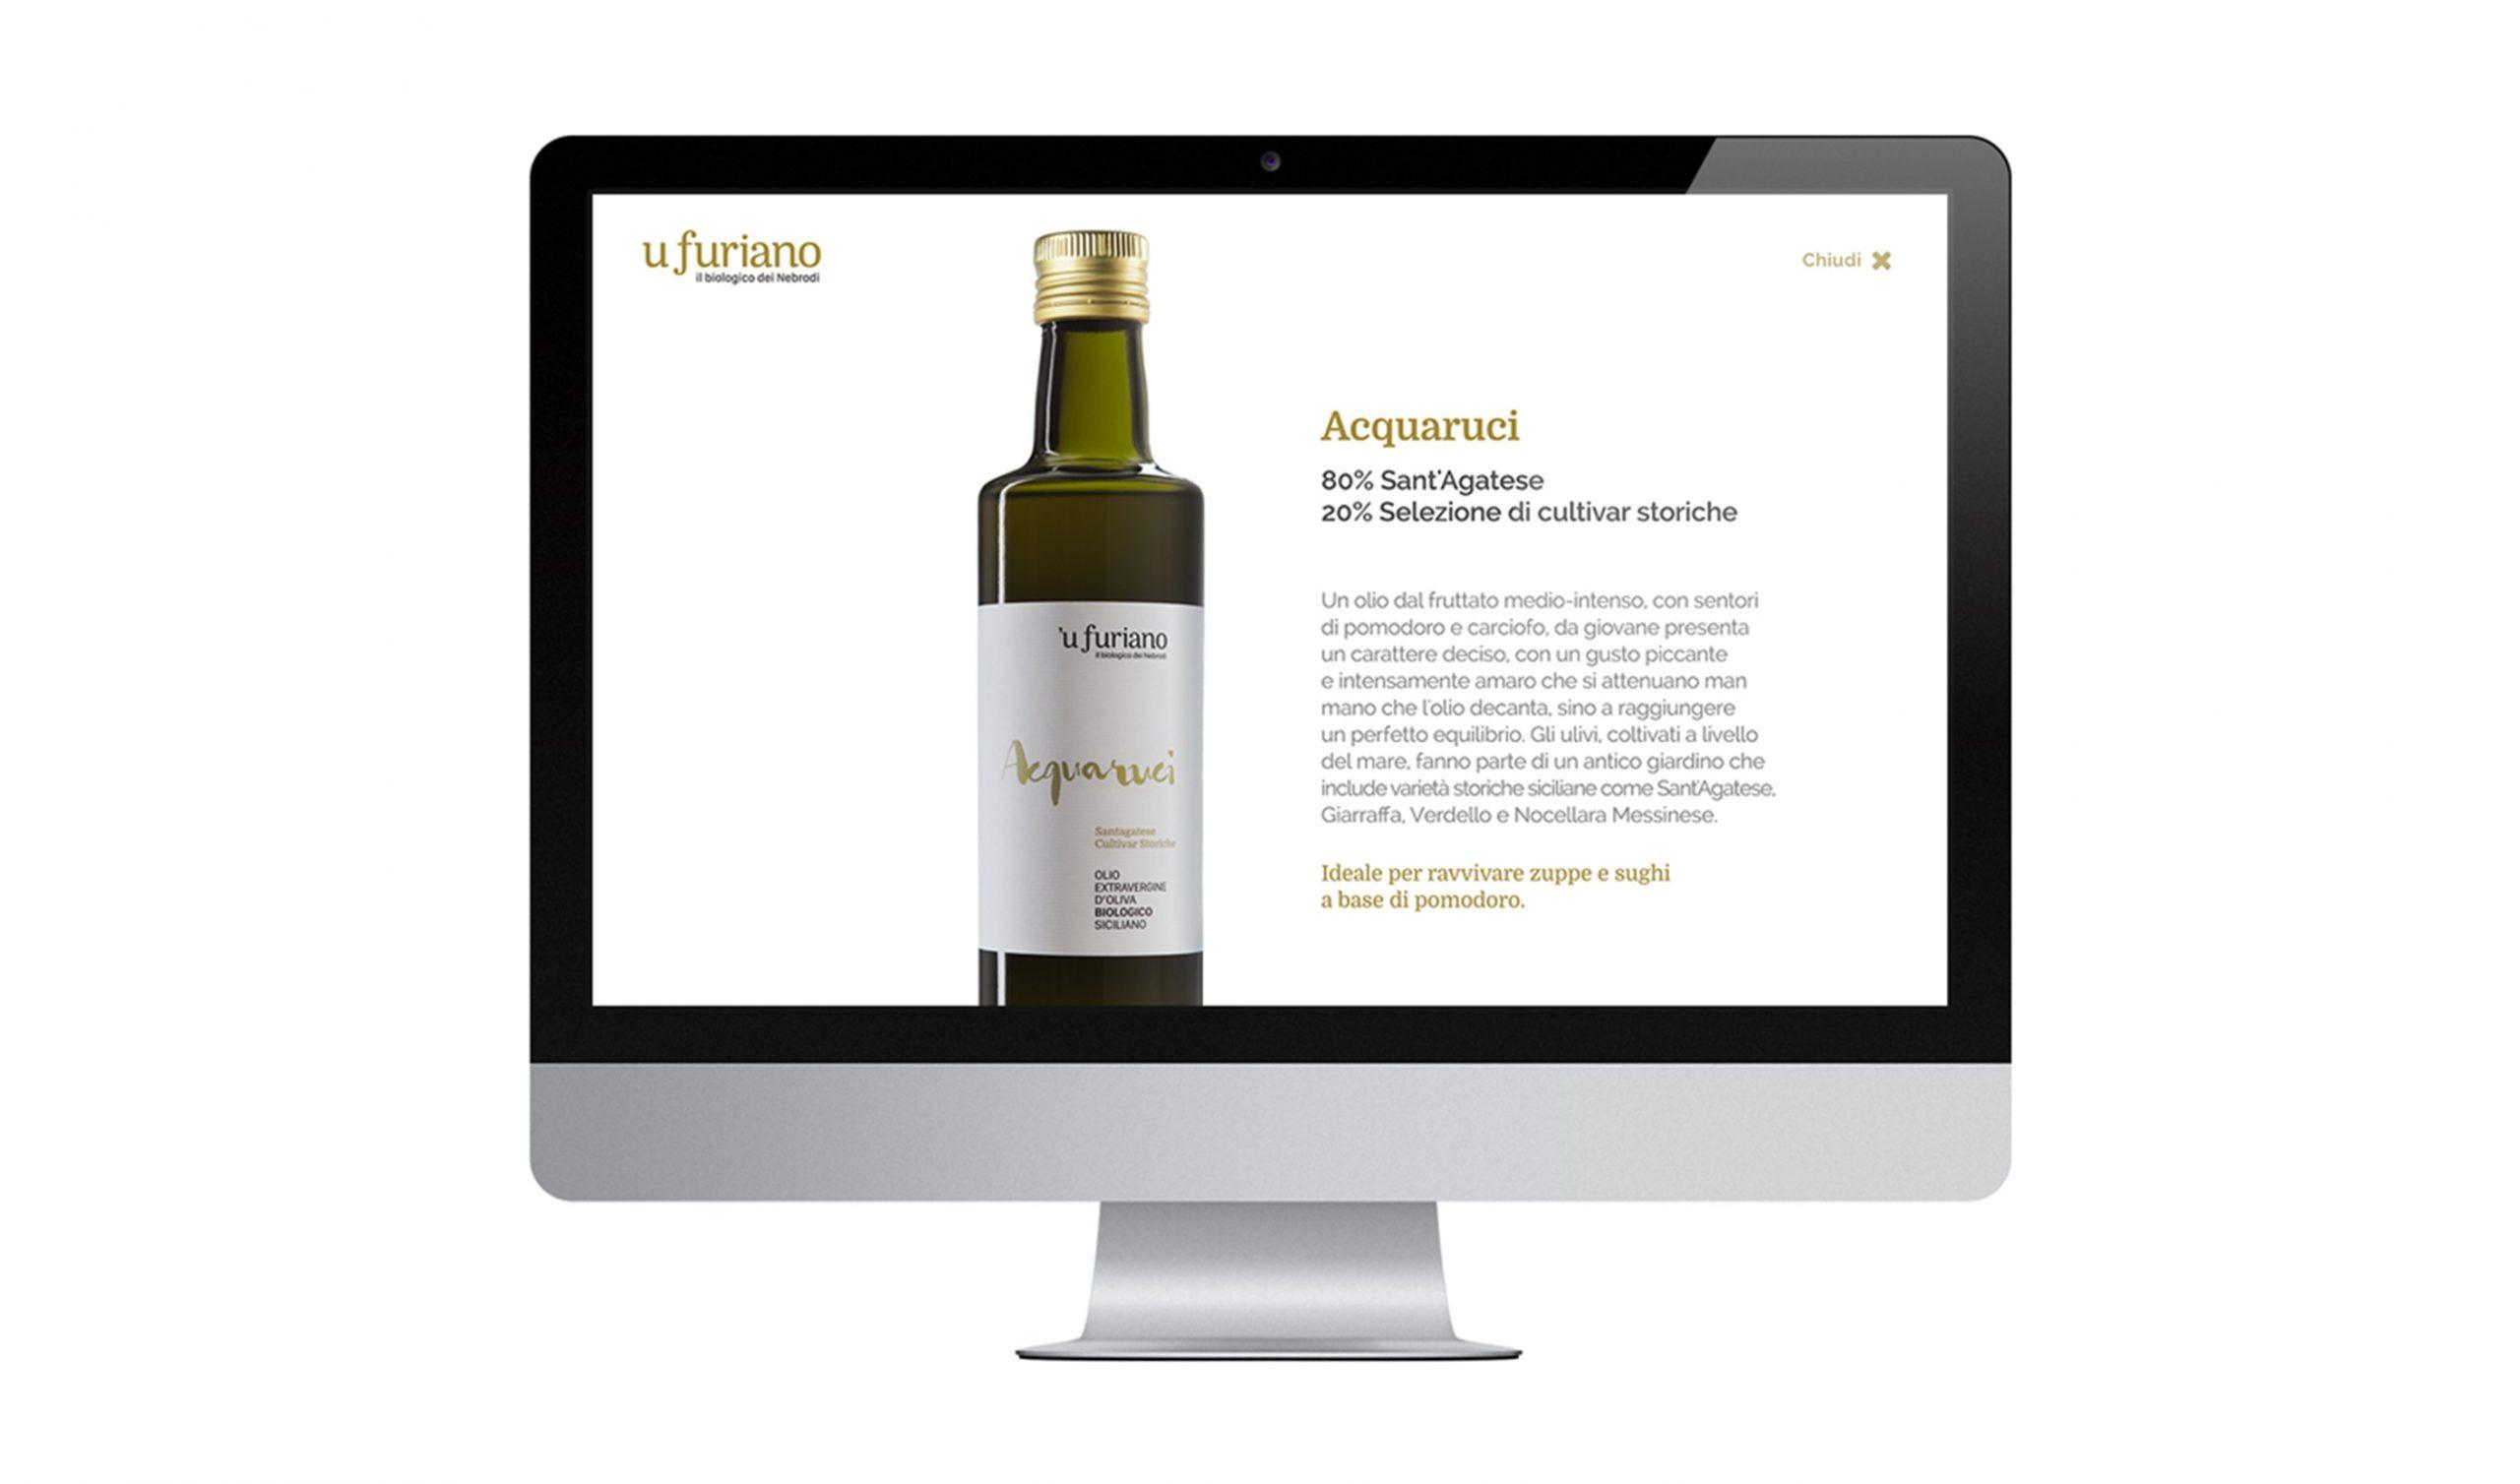 Olio 'u Furiano Website Scheda Olio